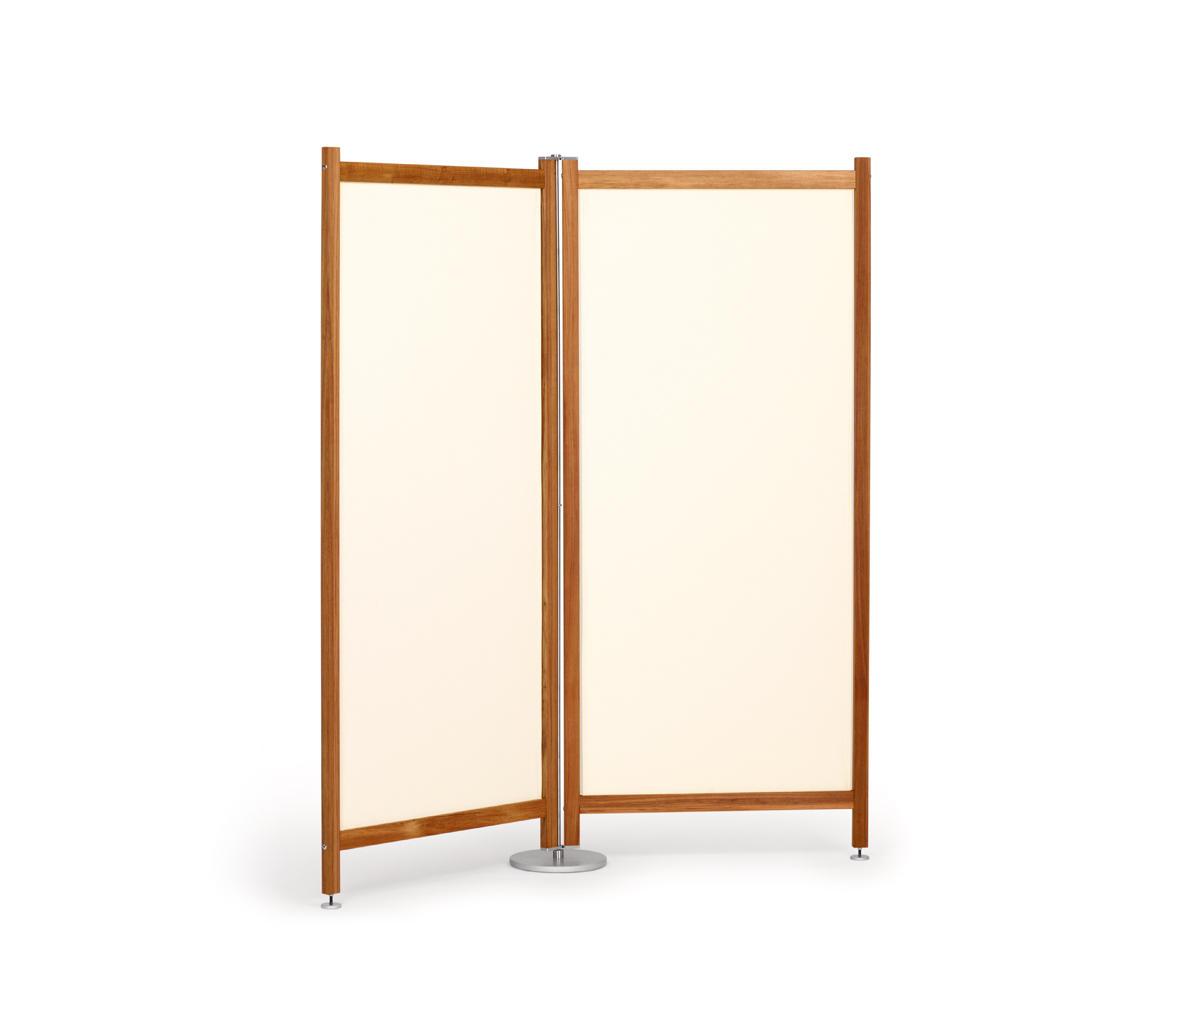 paravent panneaux brise vue de weish upl architonic. Black Bedroom Furniture Sets. Home Design Ideas